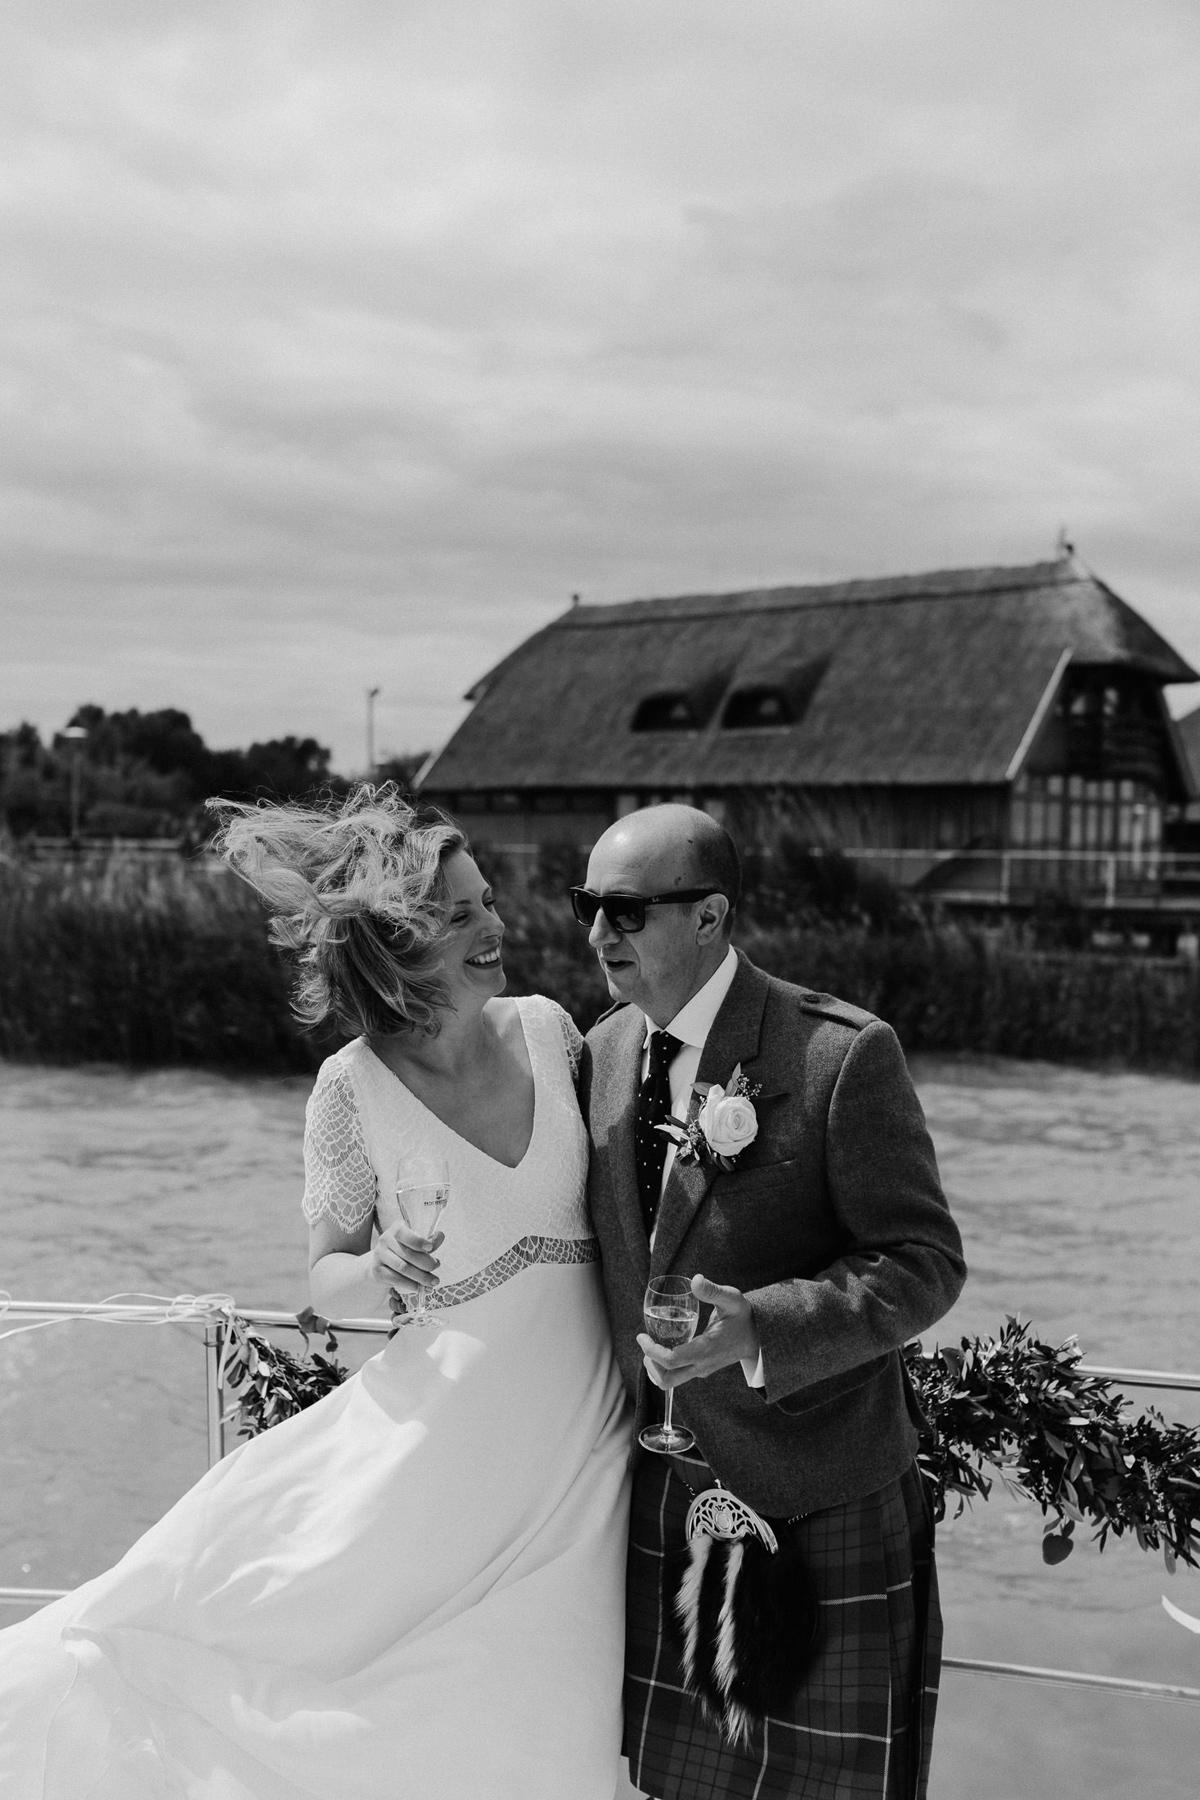 boat ride on Ferto lake, Neusiedl Lake, with wedding couple